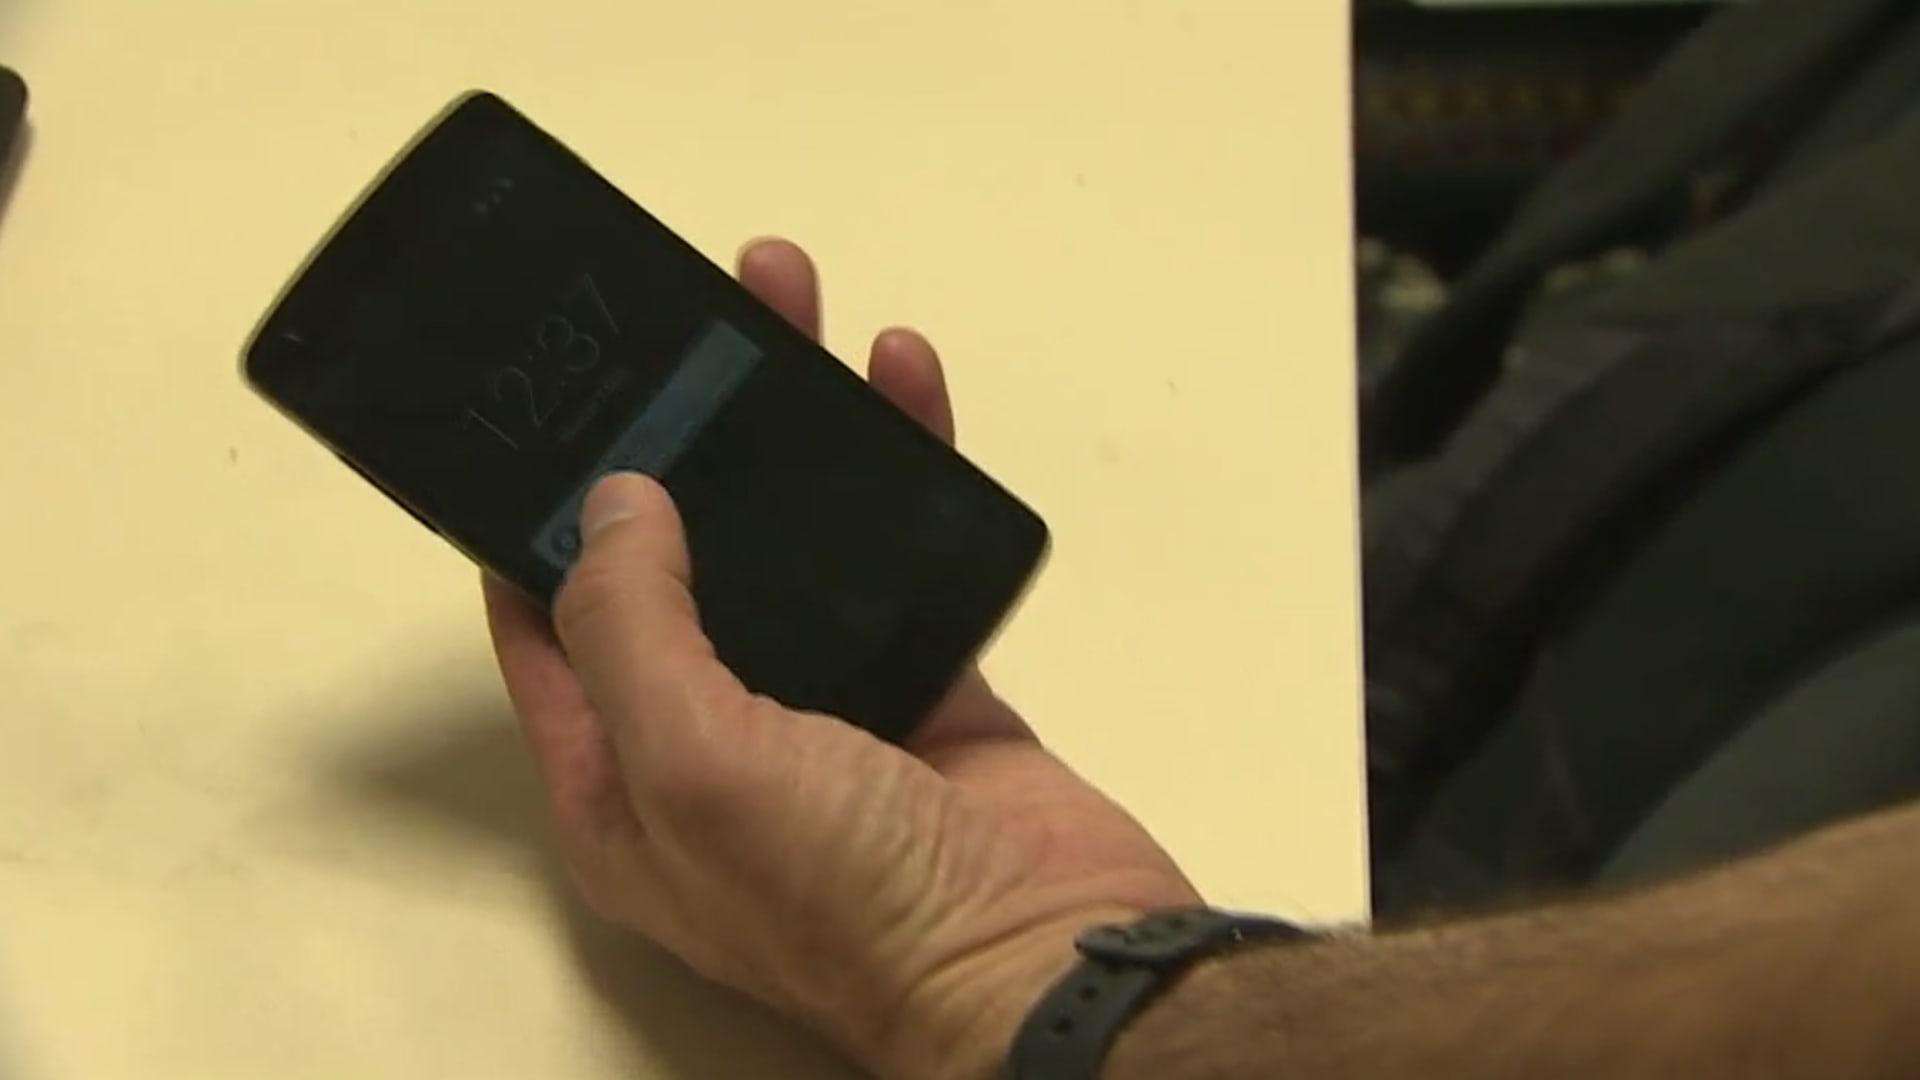 شاهد كيف يتم اختراق هاتفك في غضون 10 ثواني